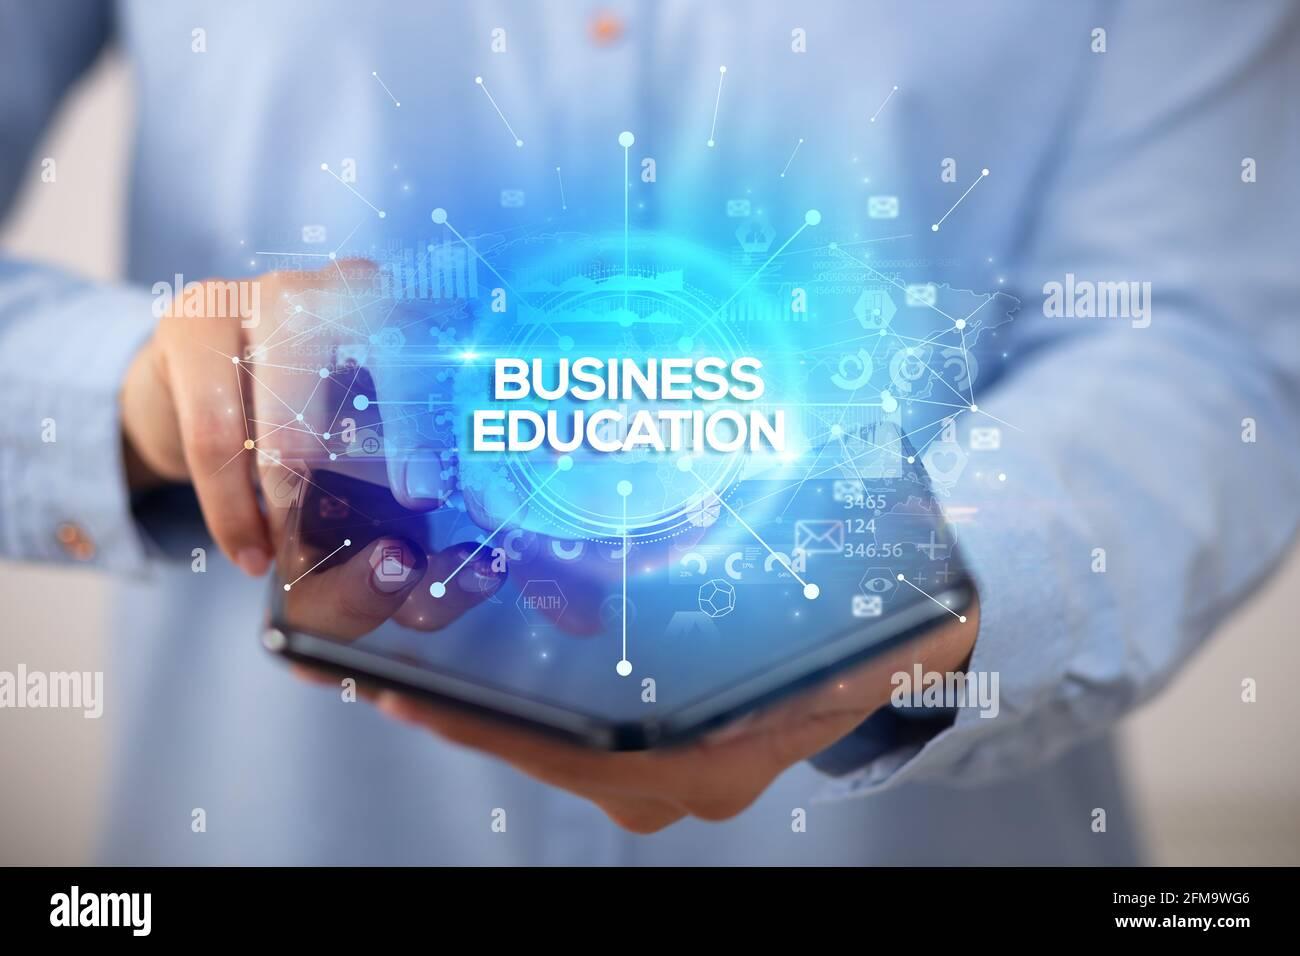 Hombre de negocios con un smartphone plegable, nuevo concepto empresarial Foto de stock